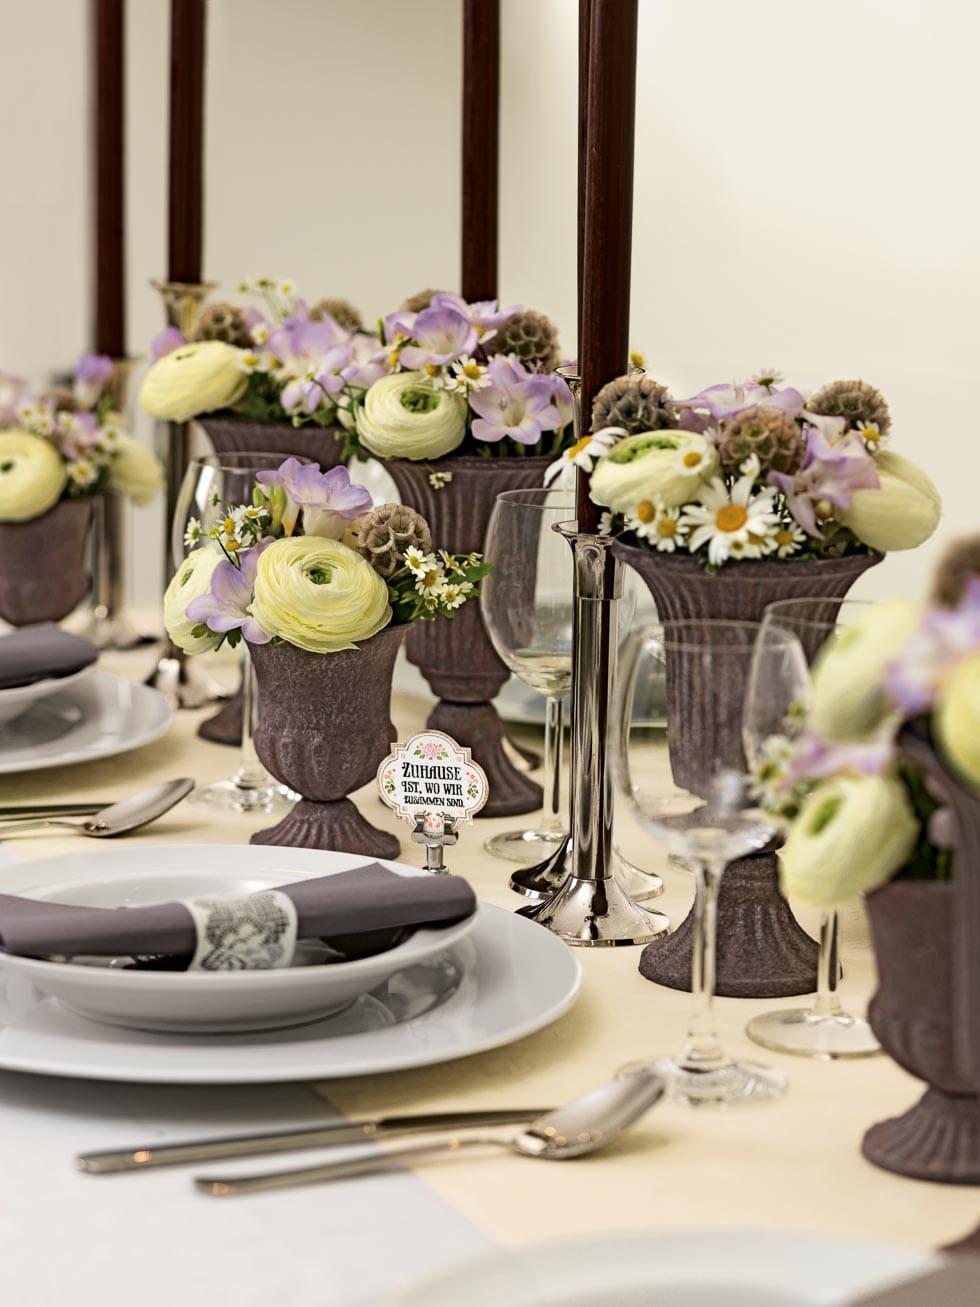 Tischdeko mit Wiesenblumencharackter